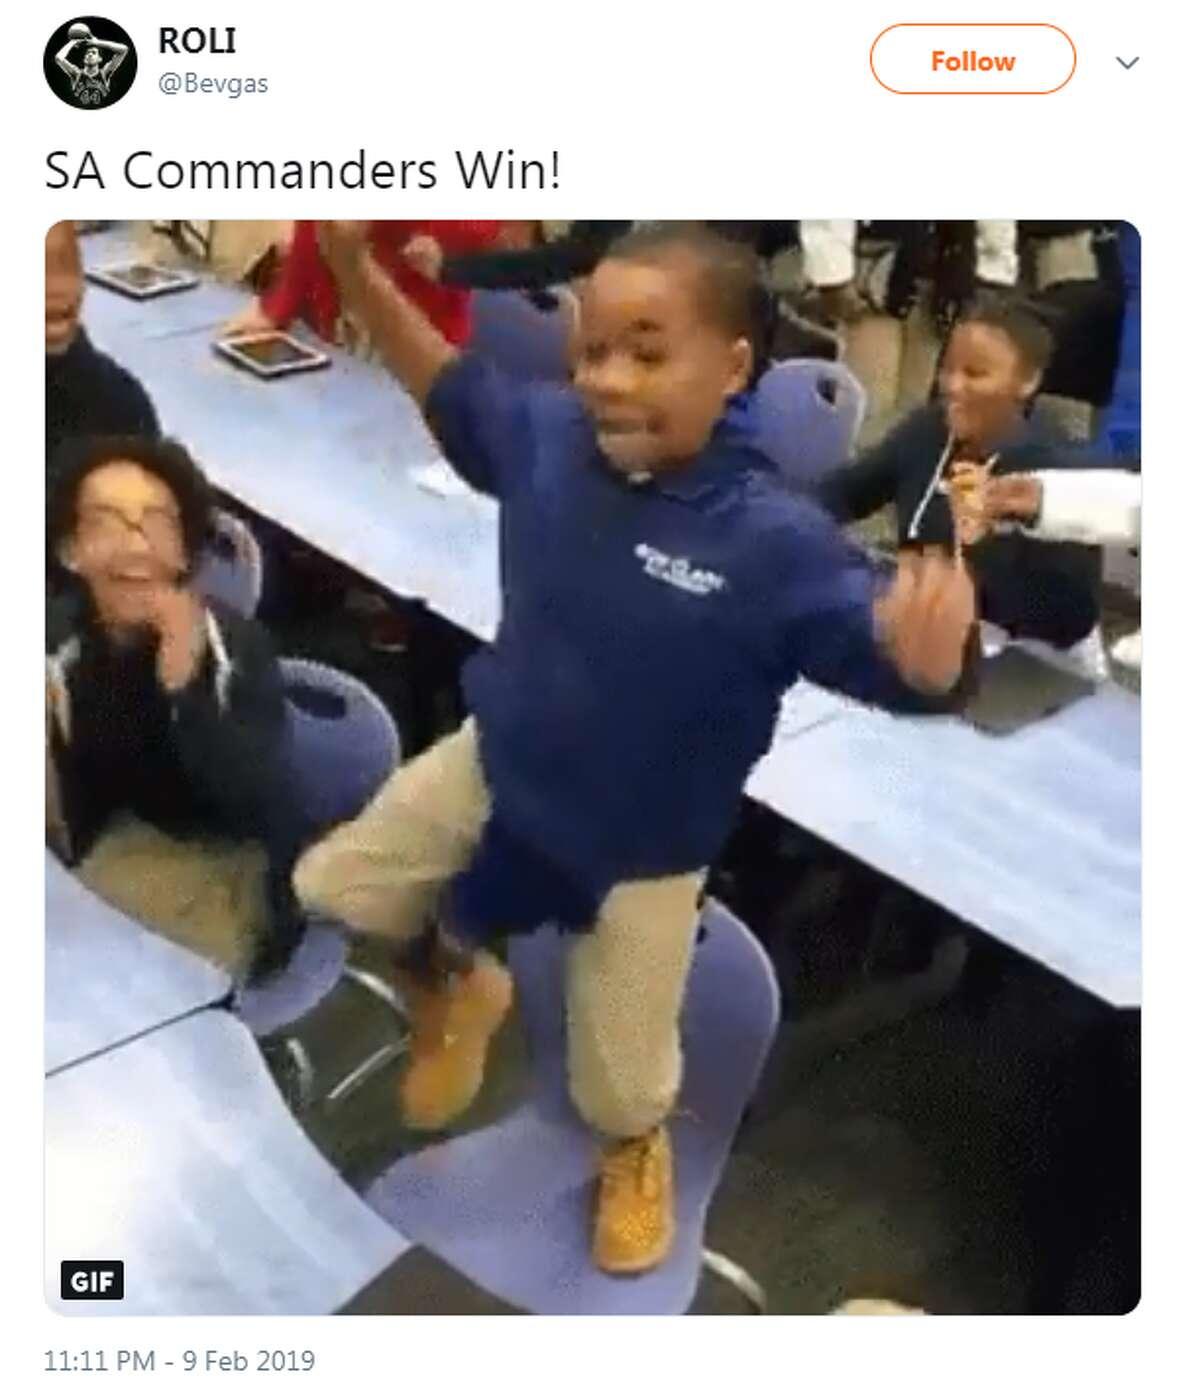 @Bevgas: SA Commanders Win!